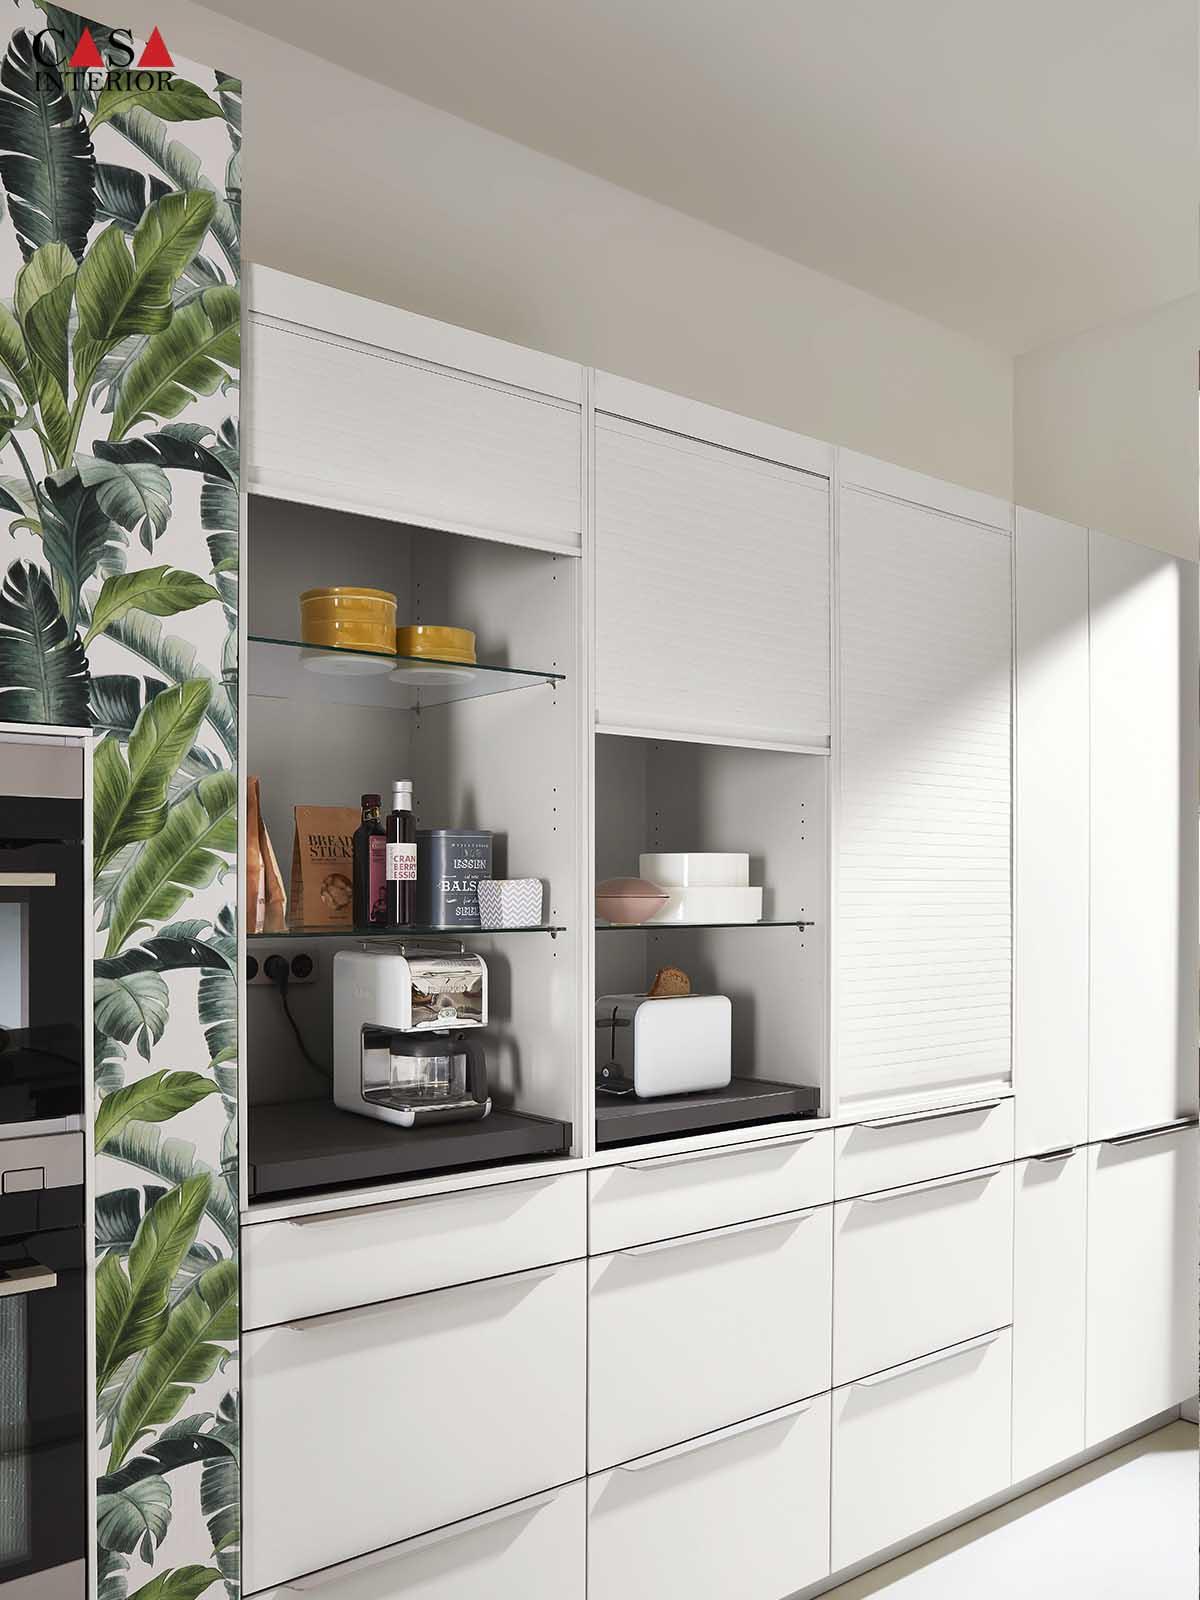 Modern Kitchen Küchentime EasyTouch 967